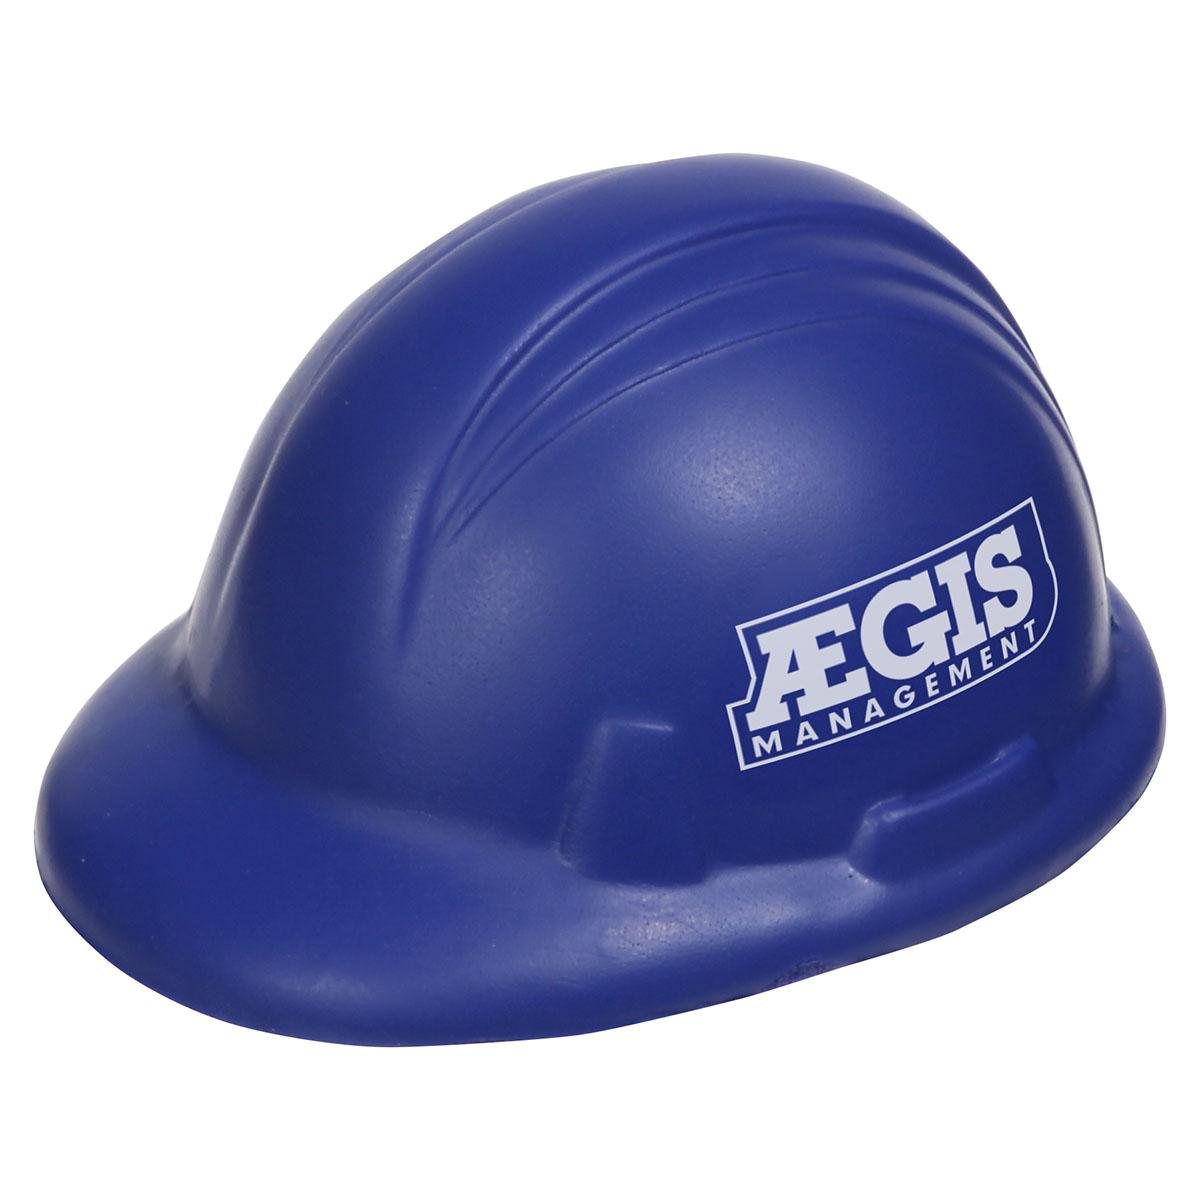 balle anti-stress : casque de sécurité